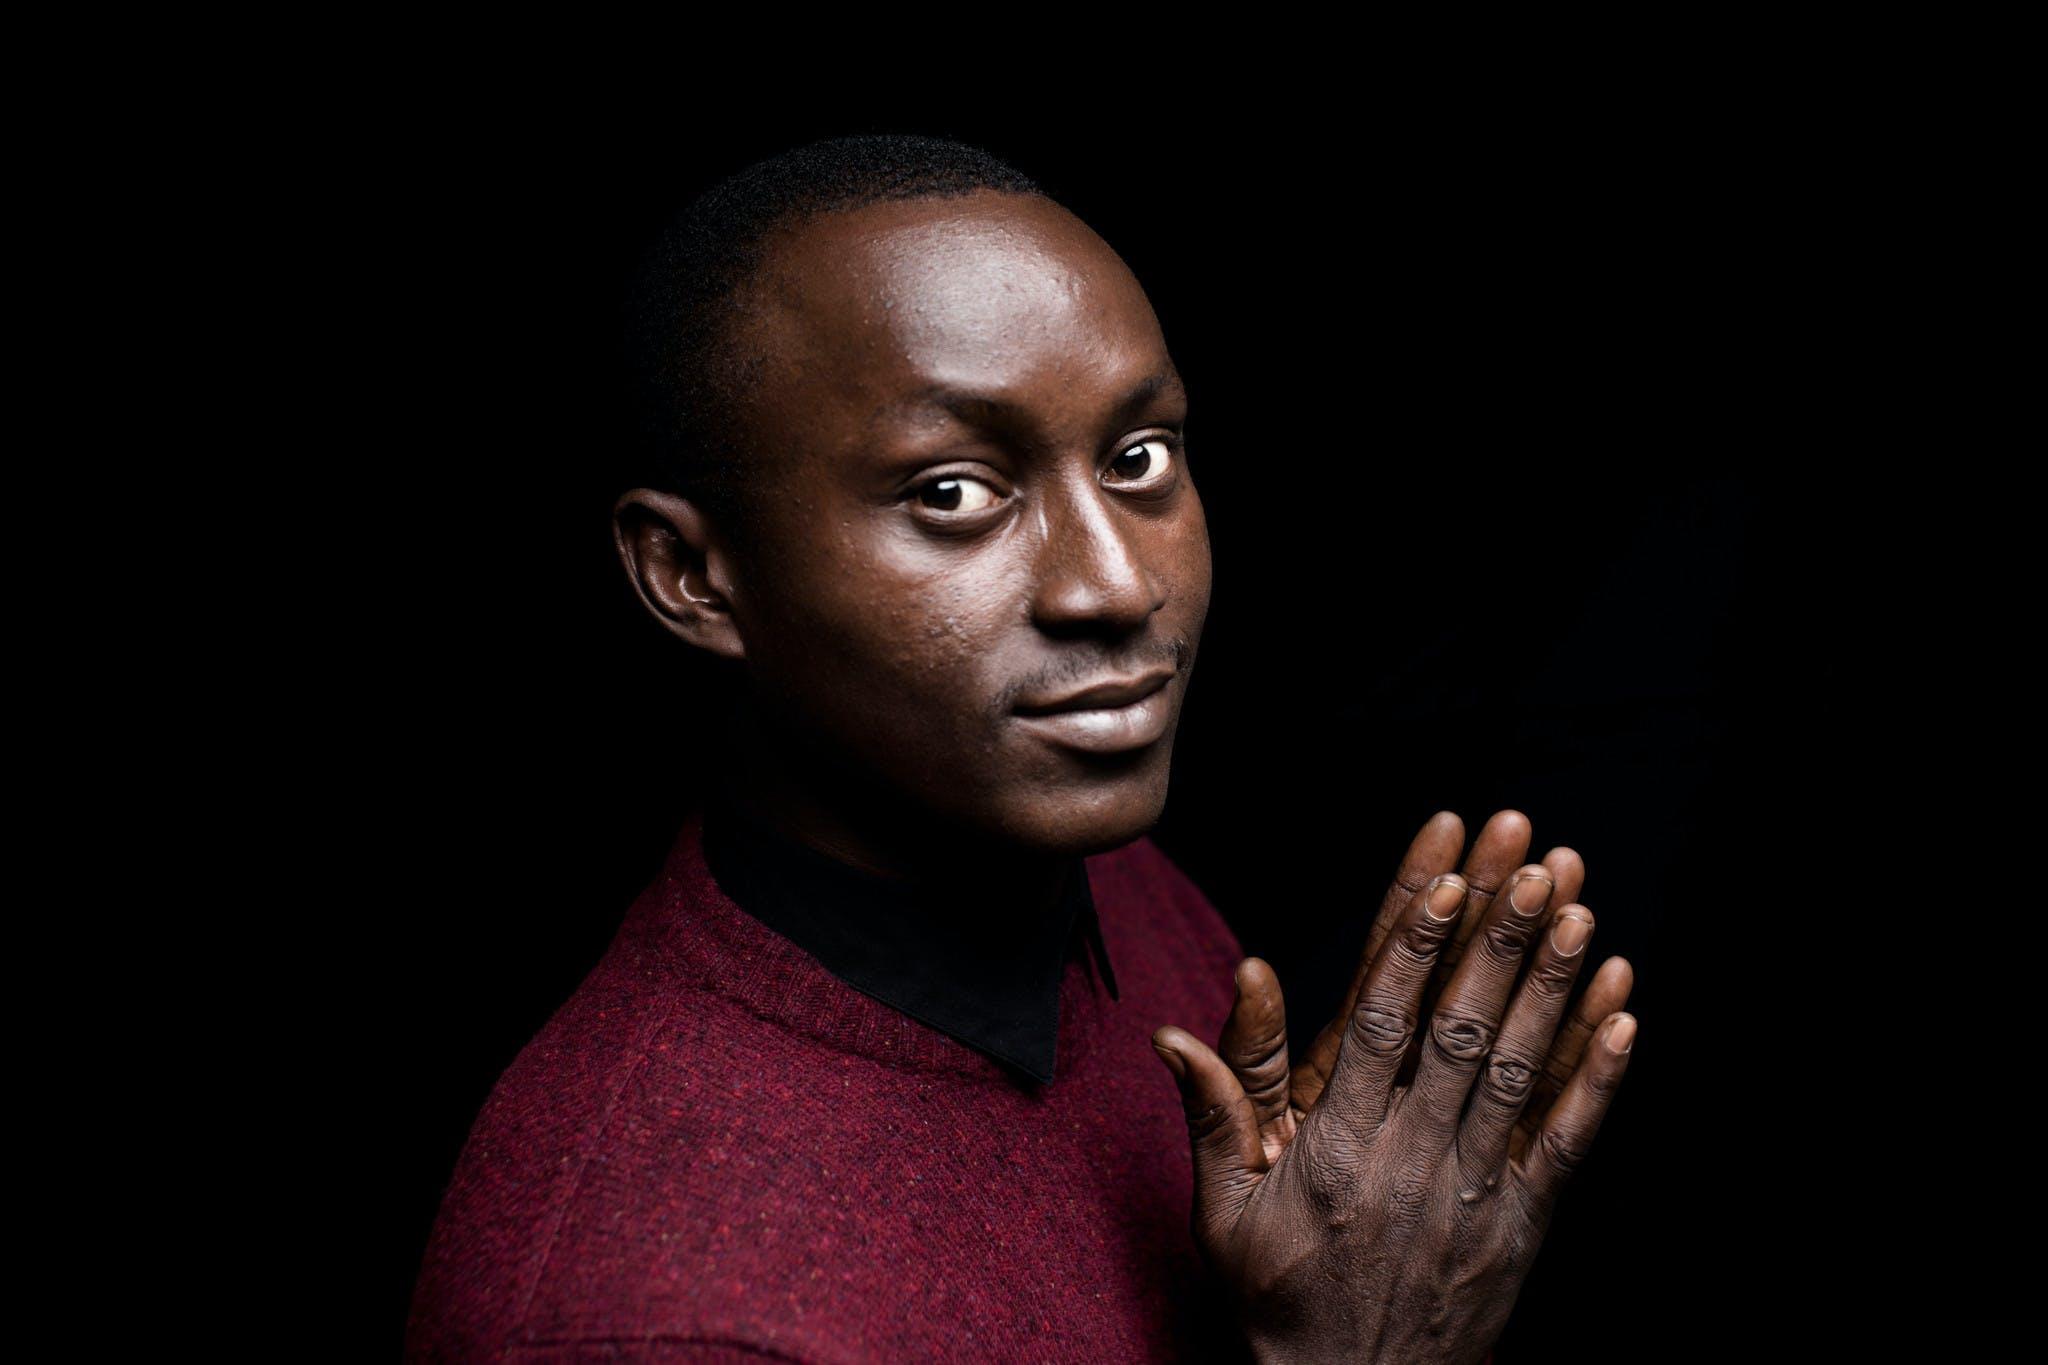 Moses Agatugba